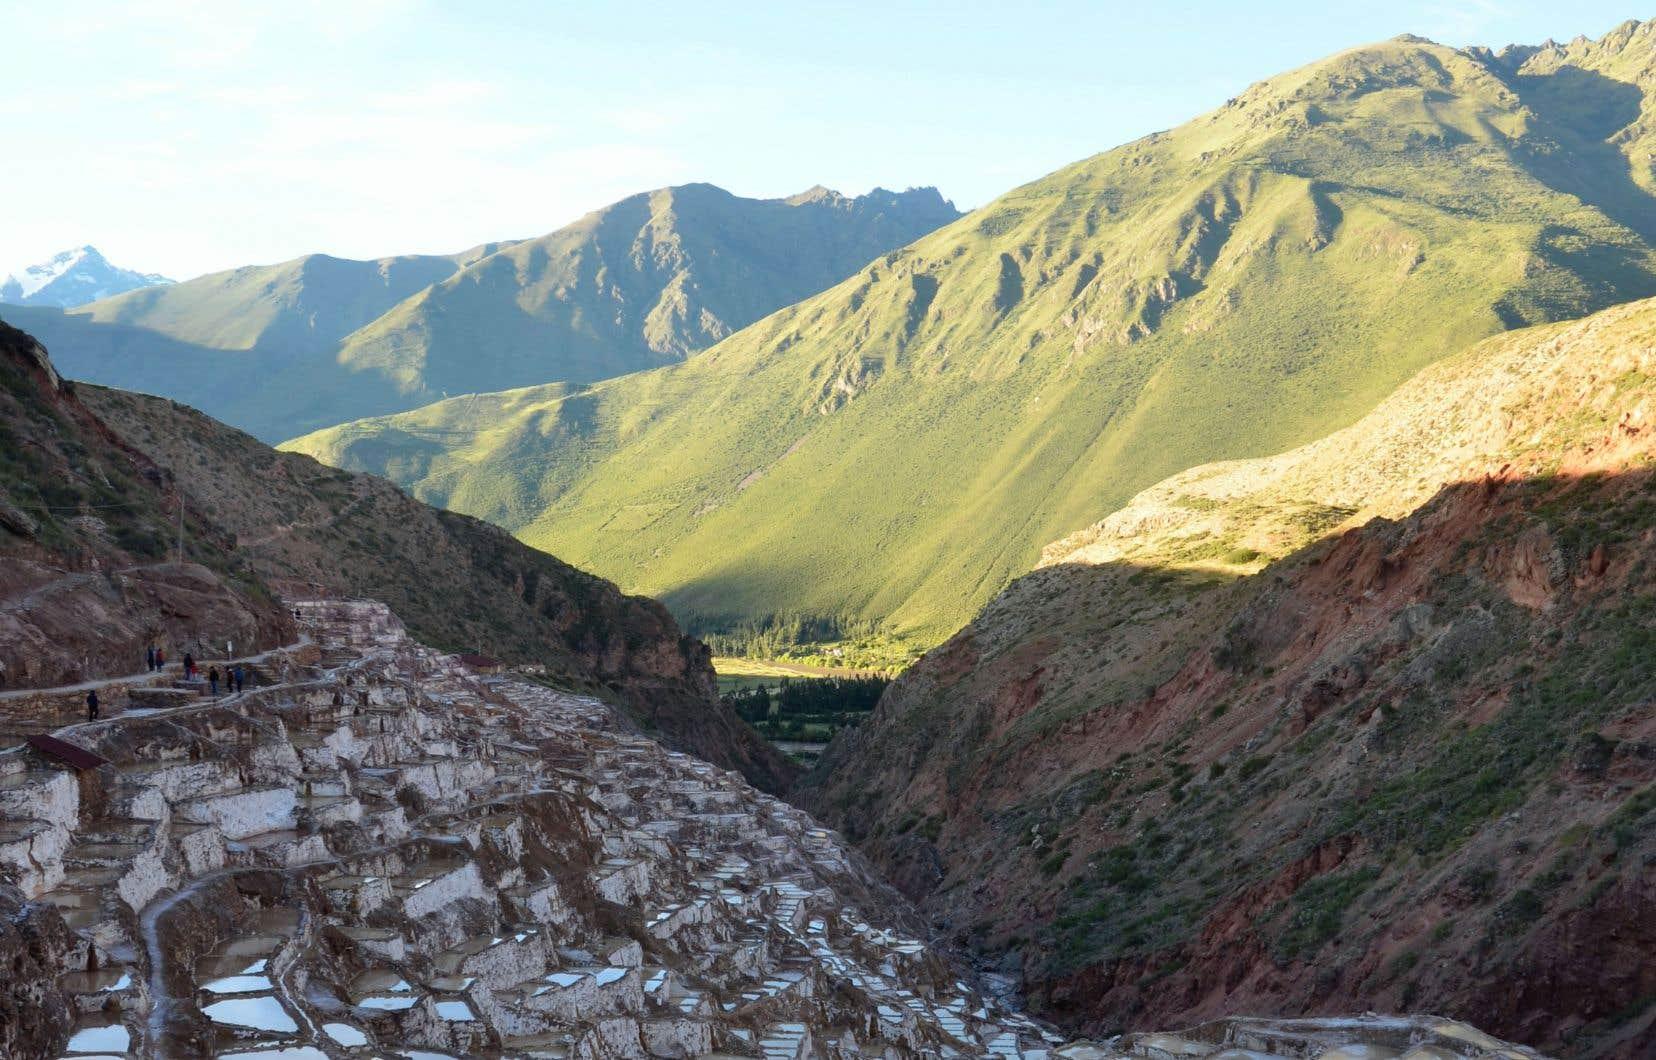 Autre site fascinant dans la Vallée sacrée, les Salines de Maras qui fournissent depuis 4000ans le sel indispensable à la conservation des aliments, puisé dans une myriade de lagunes.